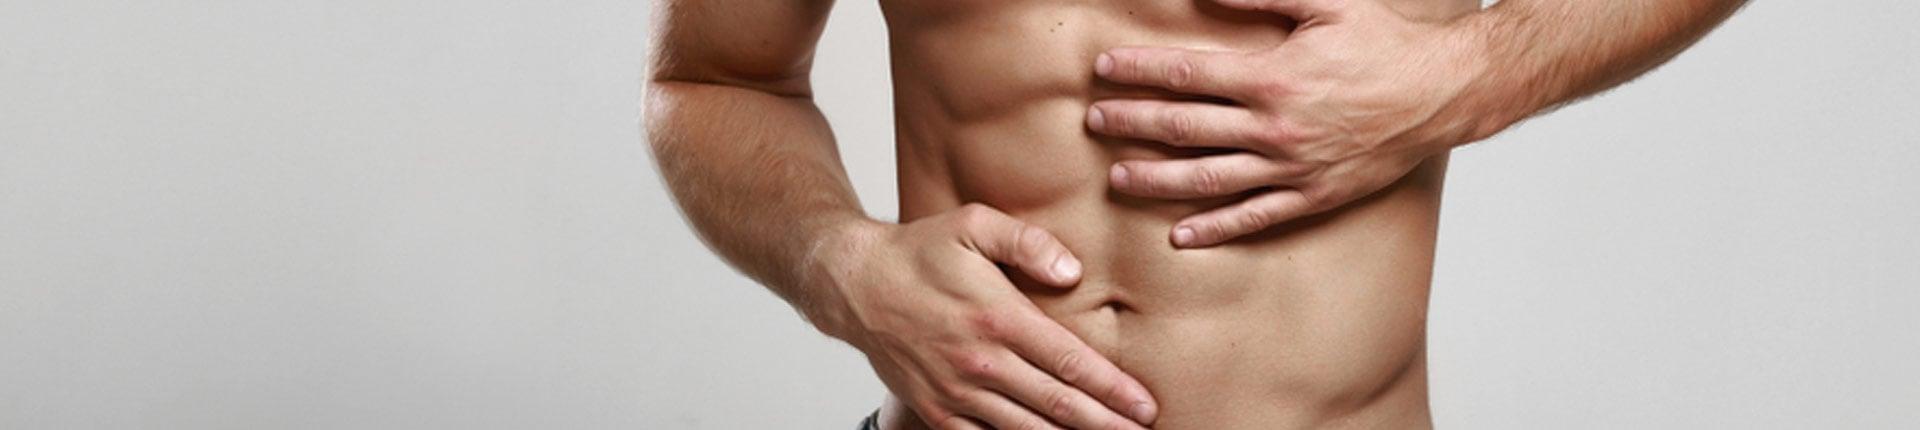 L-glutamina i wsparcie w leczeniu zespołu jelita drażliwego IBS